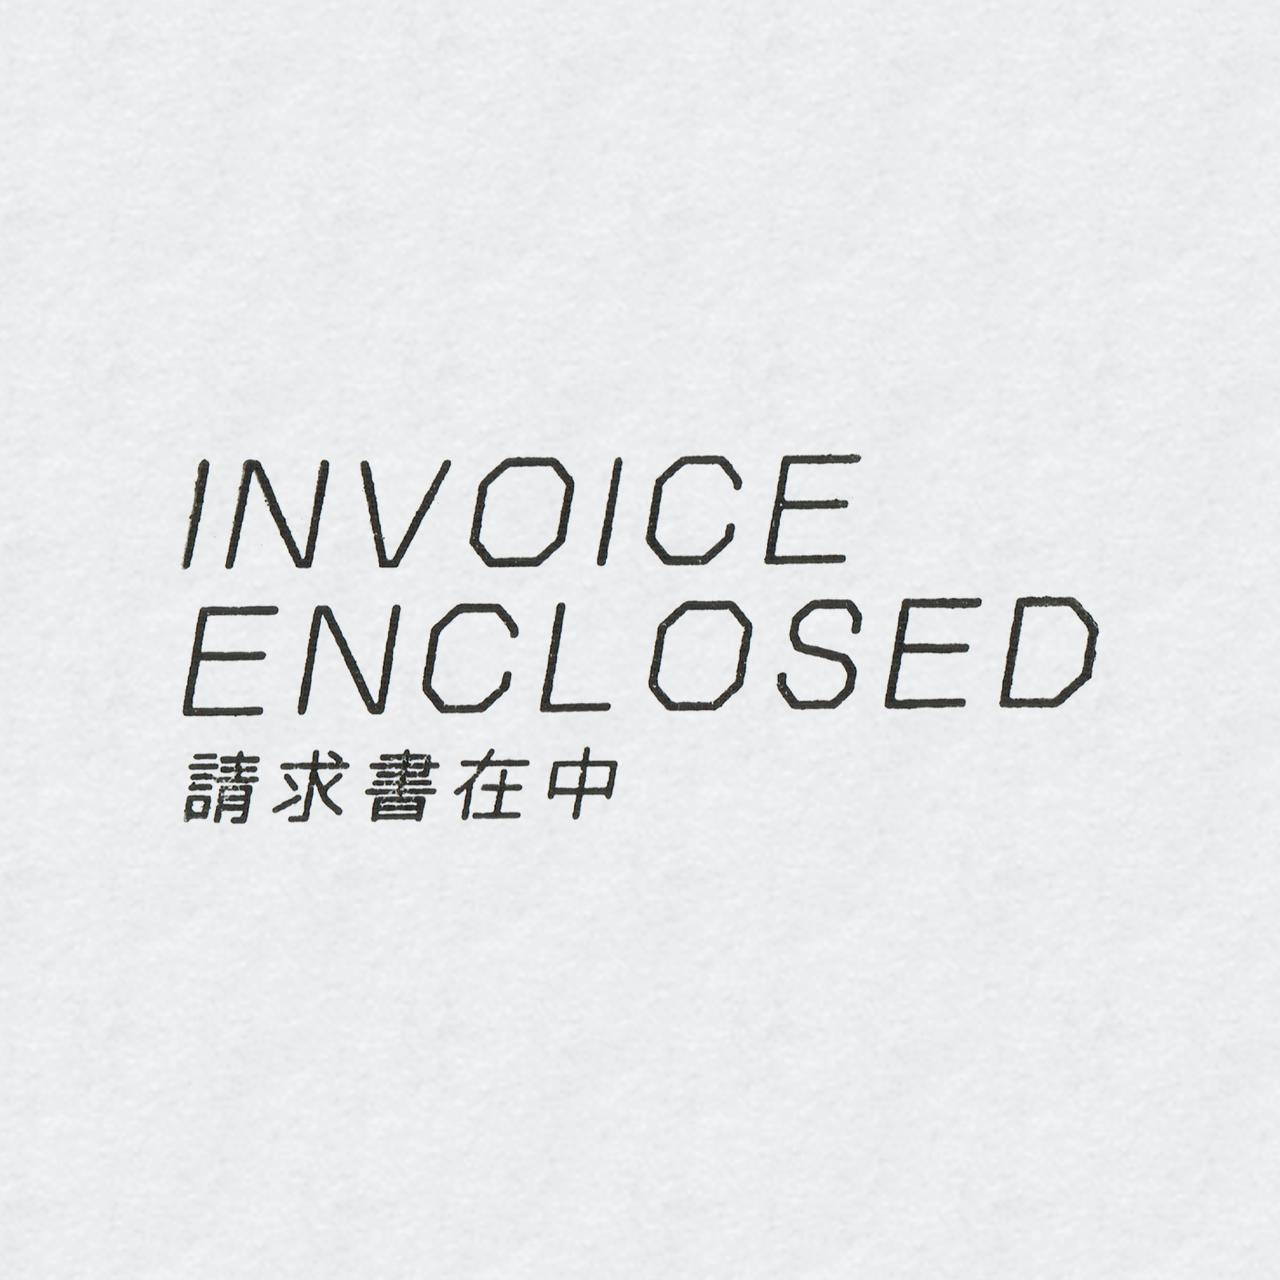 請求書在中ハンコ INVOICE_03(ゴム印)